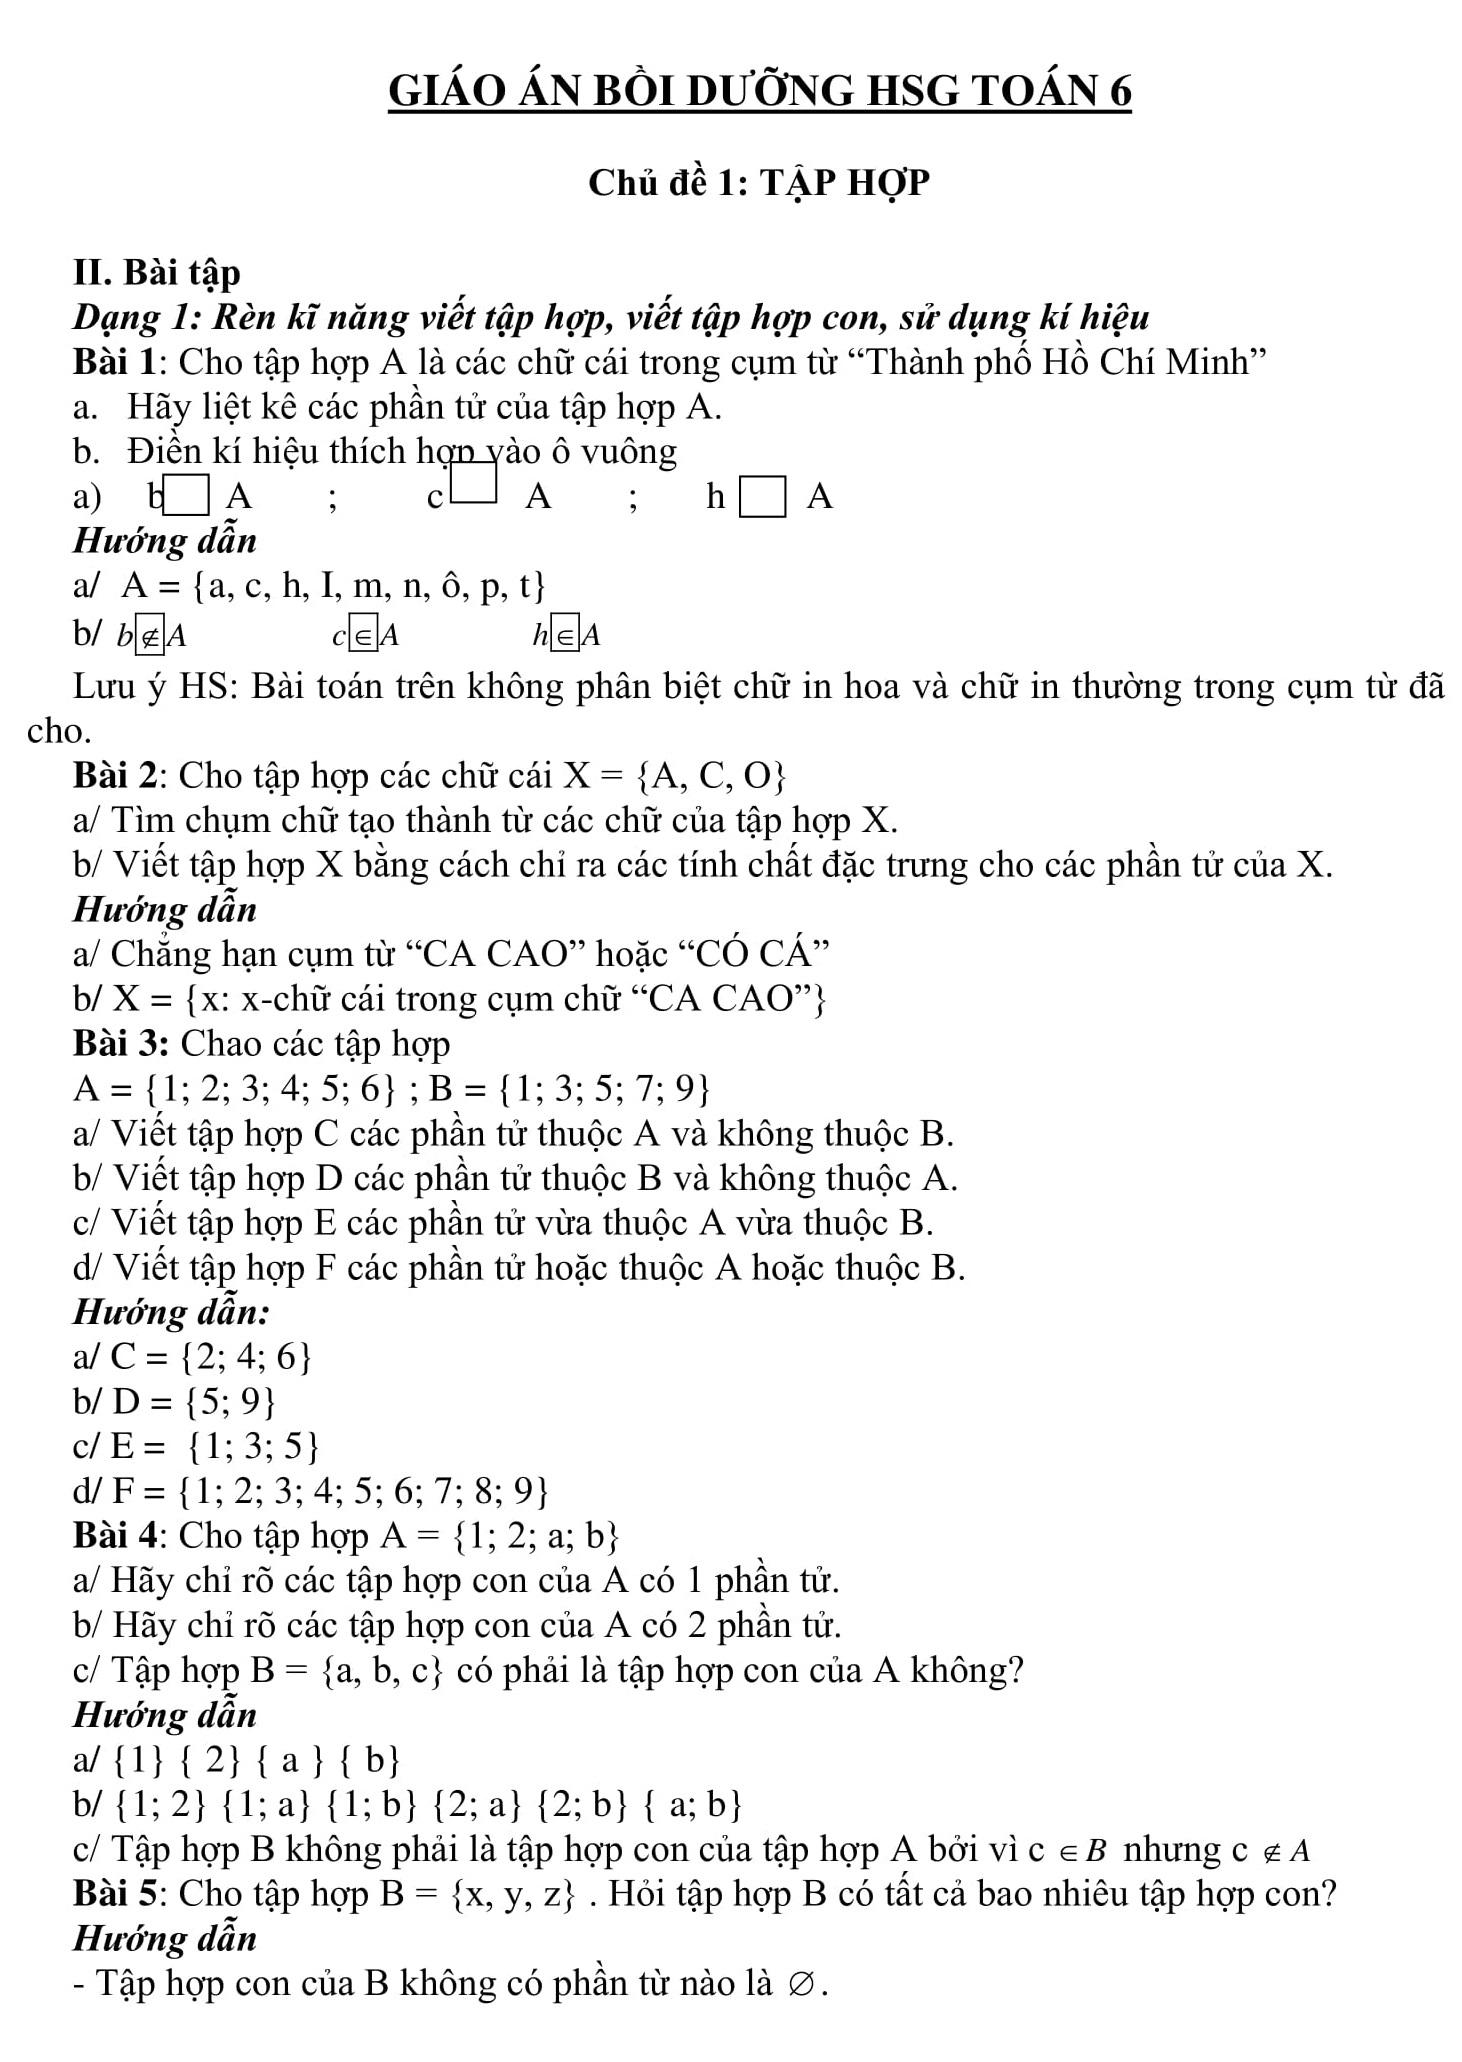 Giáo án bồi dưỡng Toán 6 (hình học + đại số)